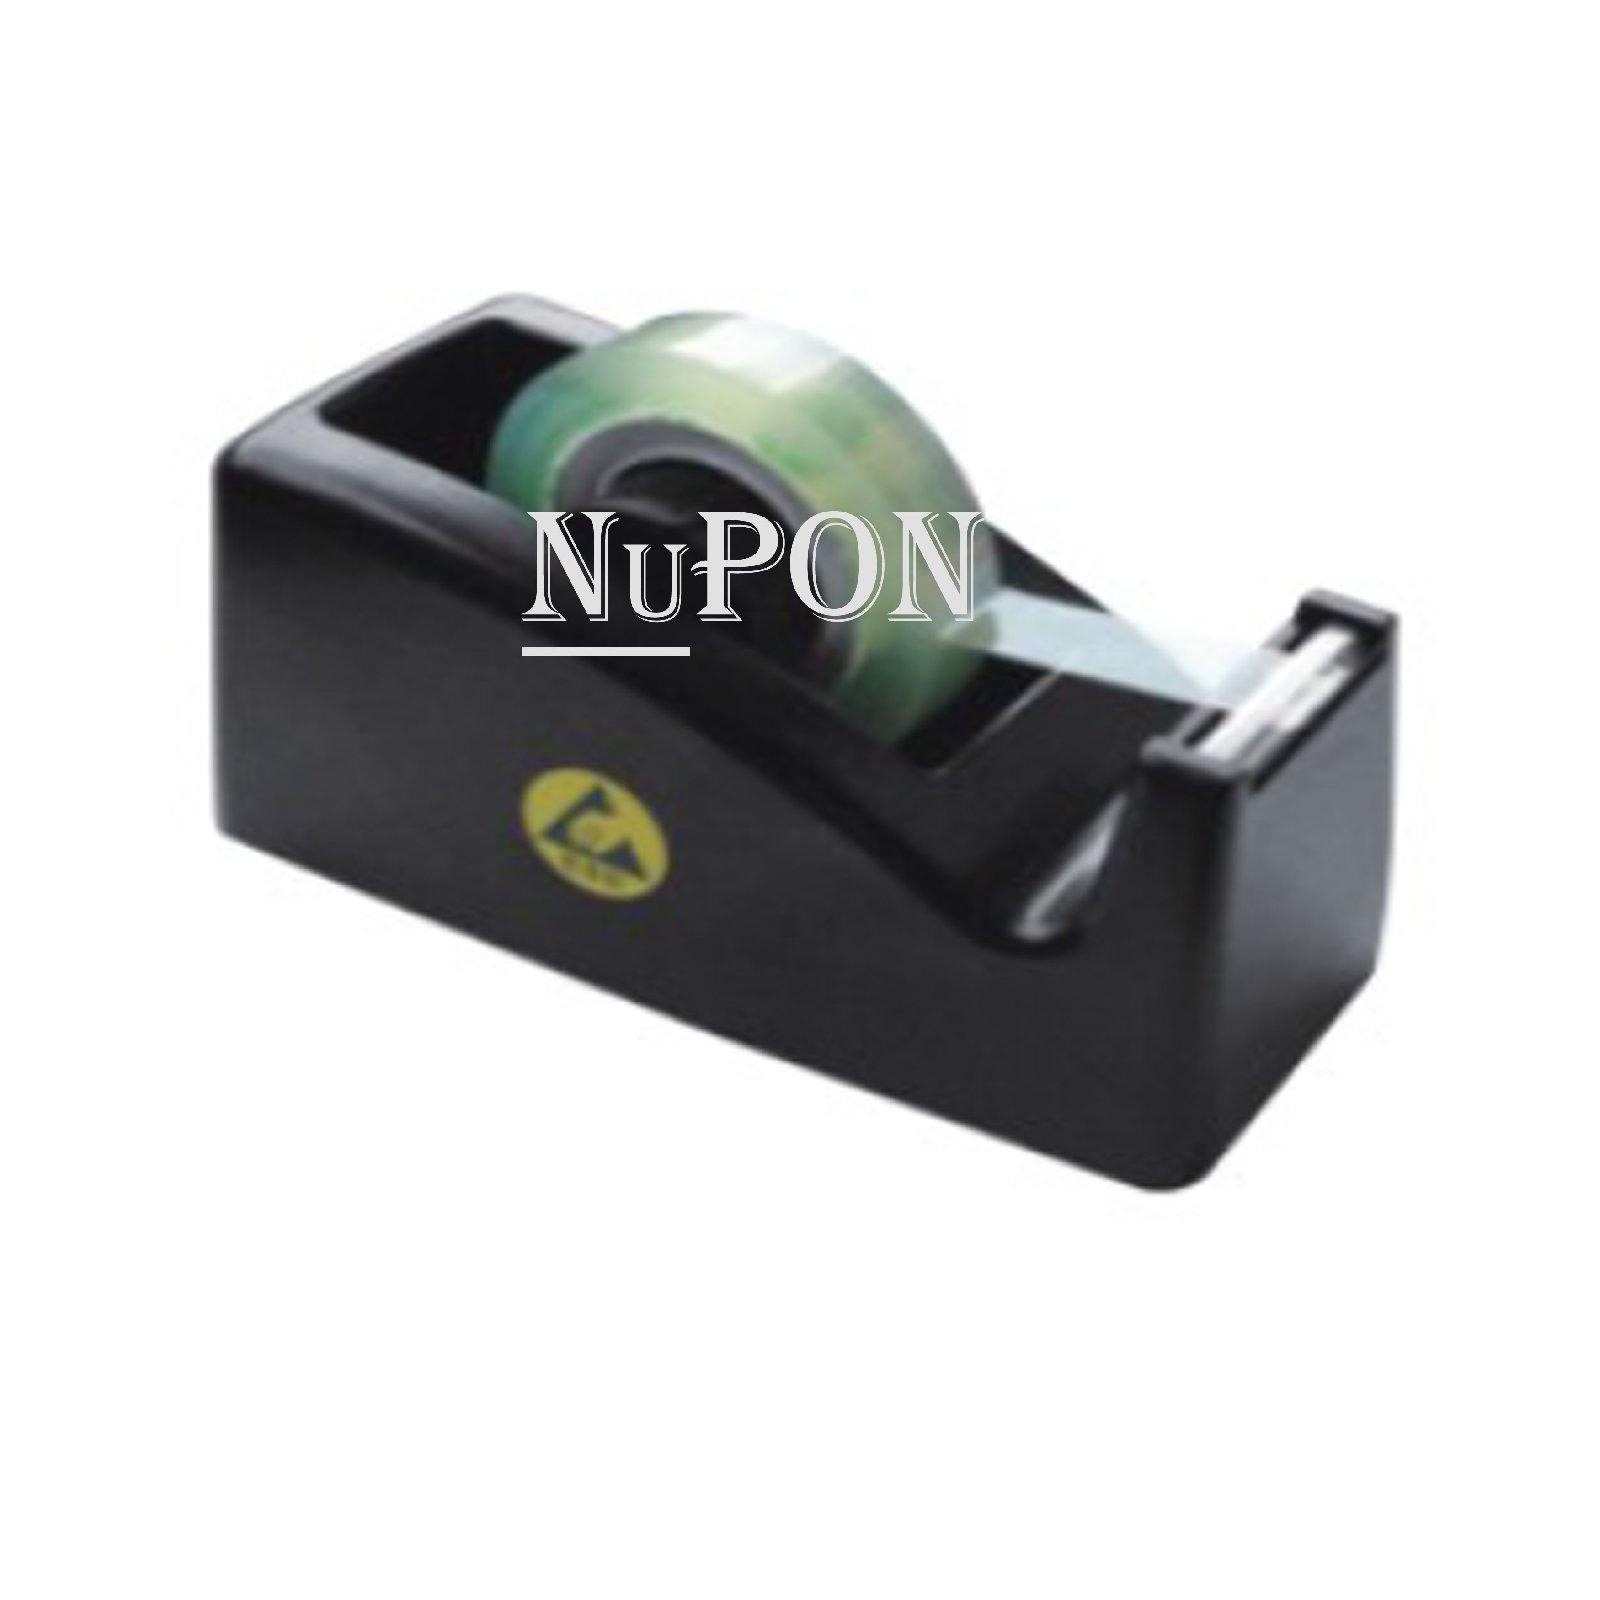 ESD Desktop Tape Dispenser